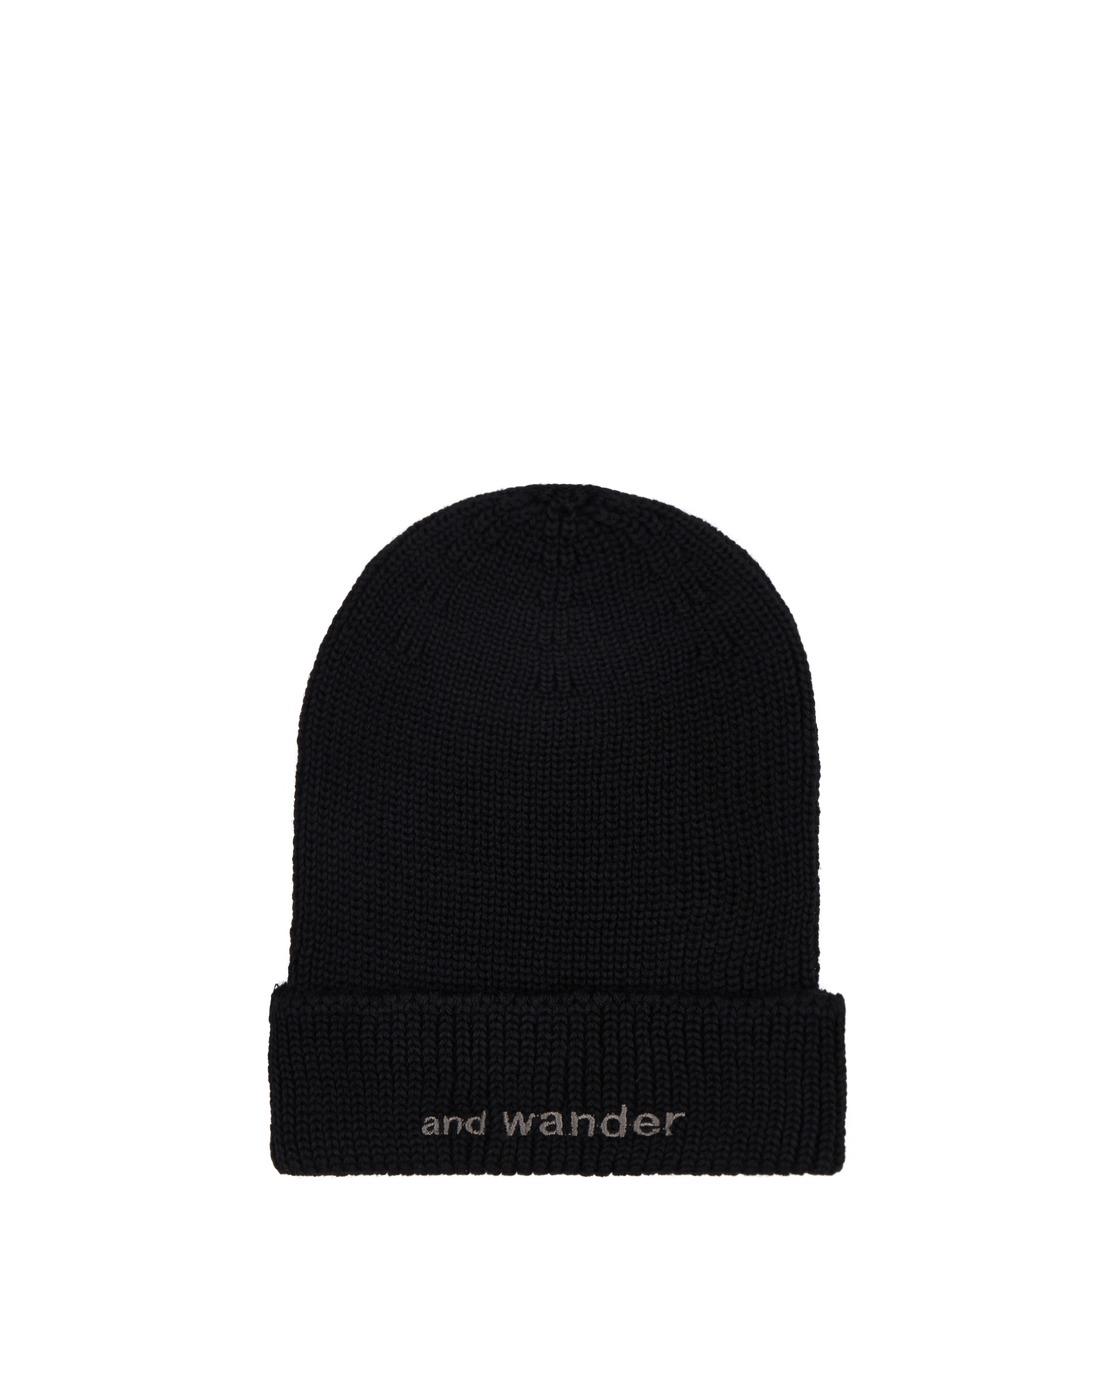 Photo: And Wander Merino Wool Beanie Black